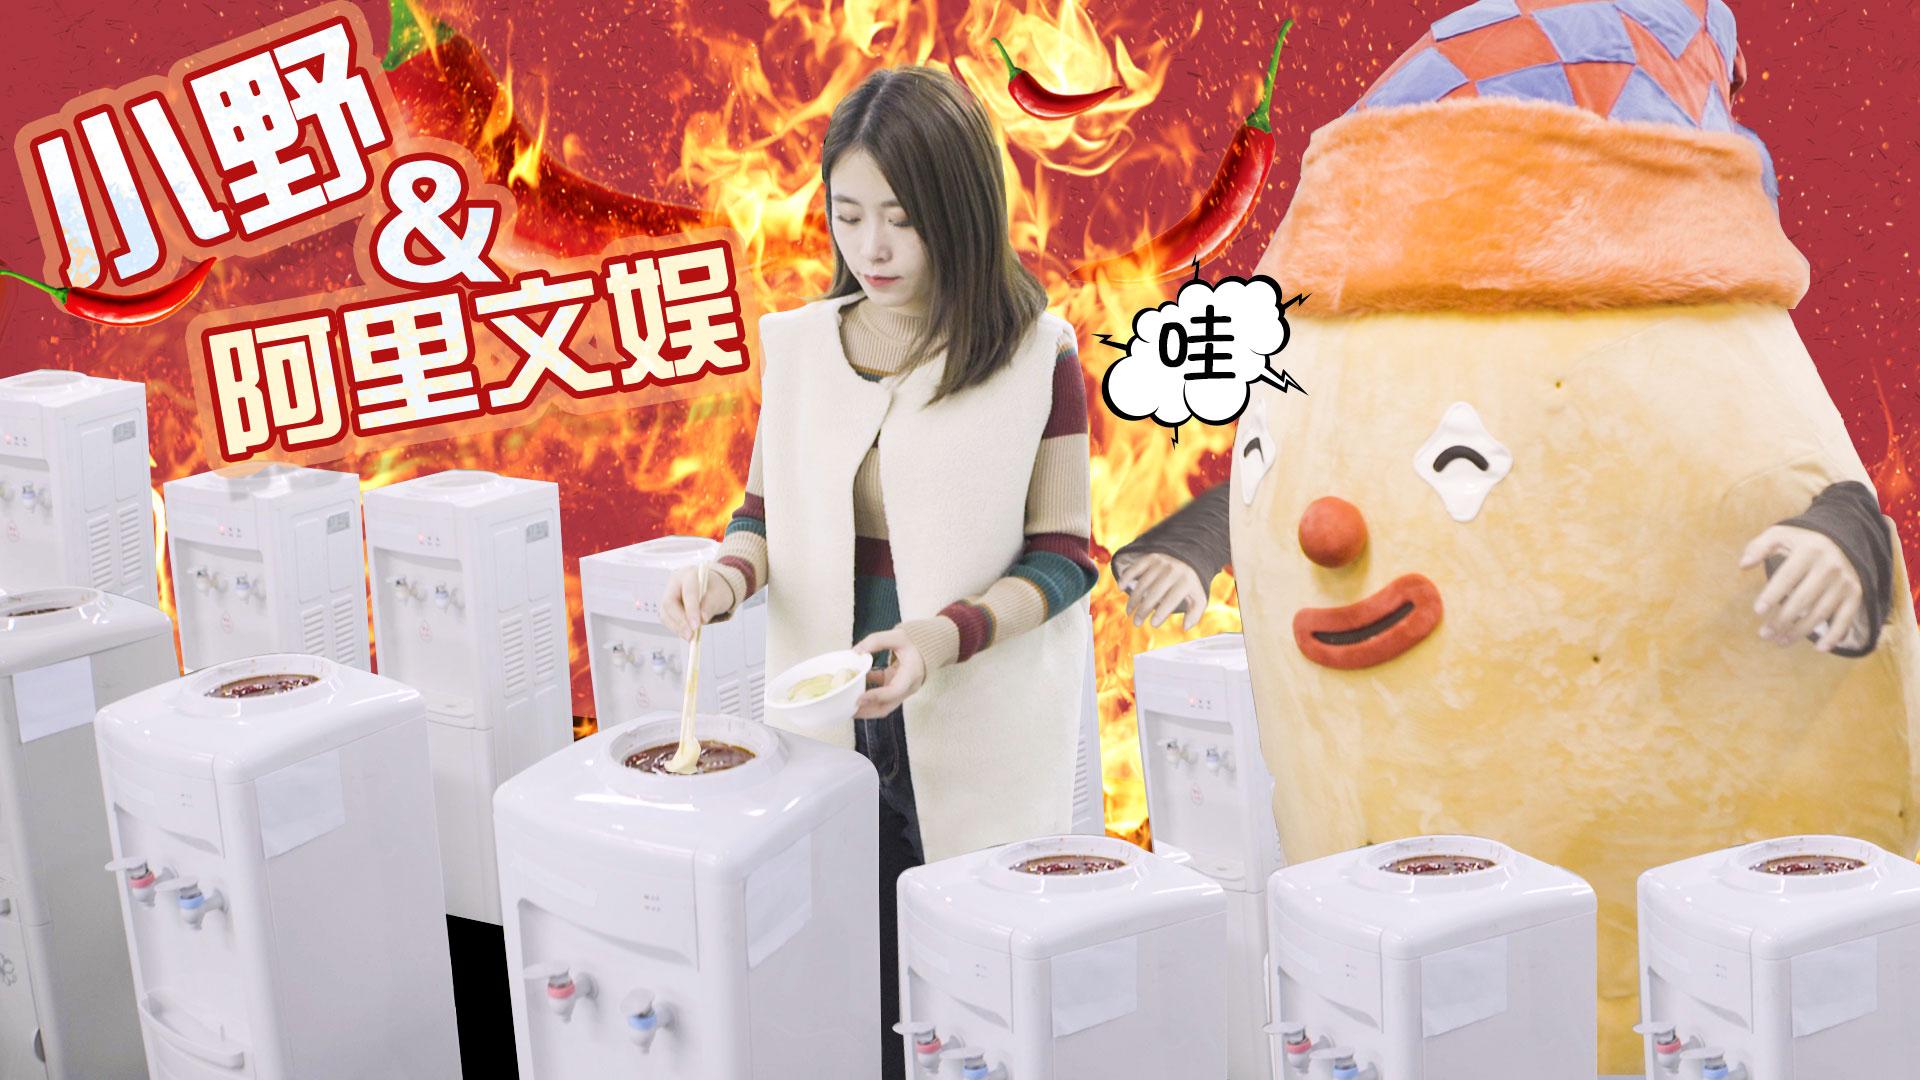 办公室小野神操作再现,用饮水机煮火锅,还是一如既往的美味